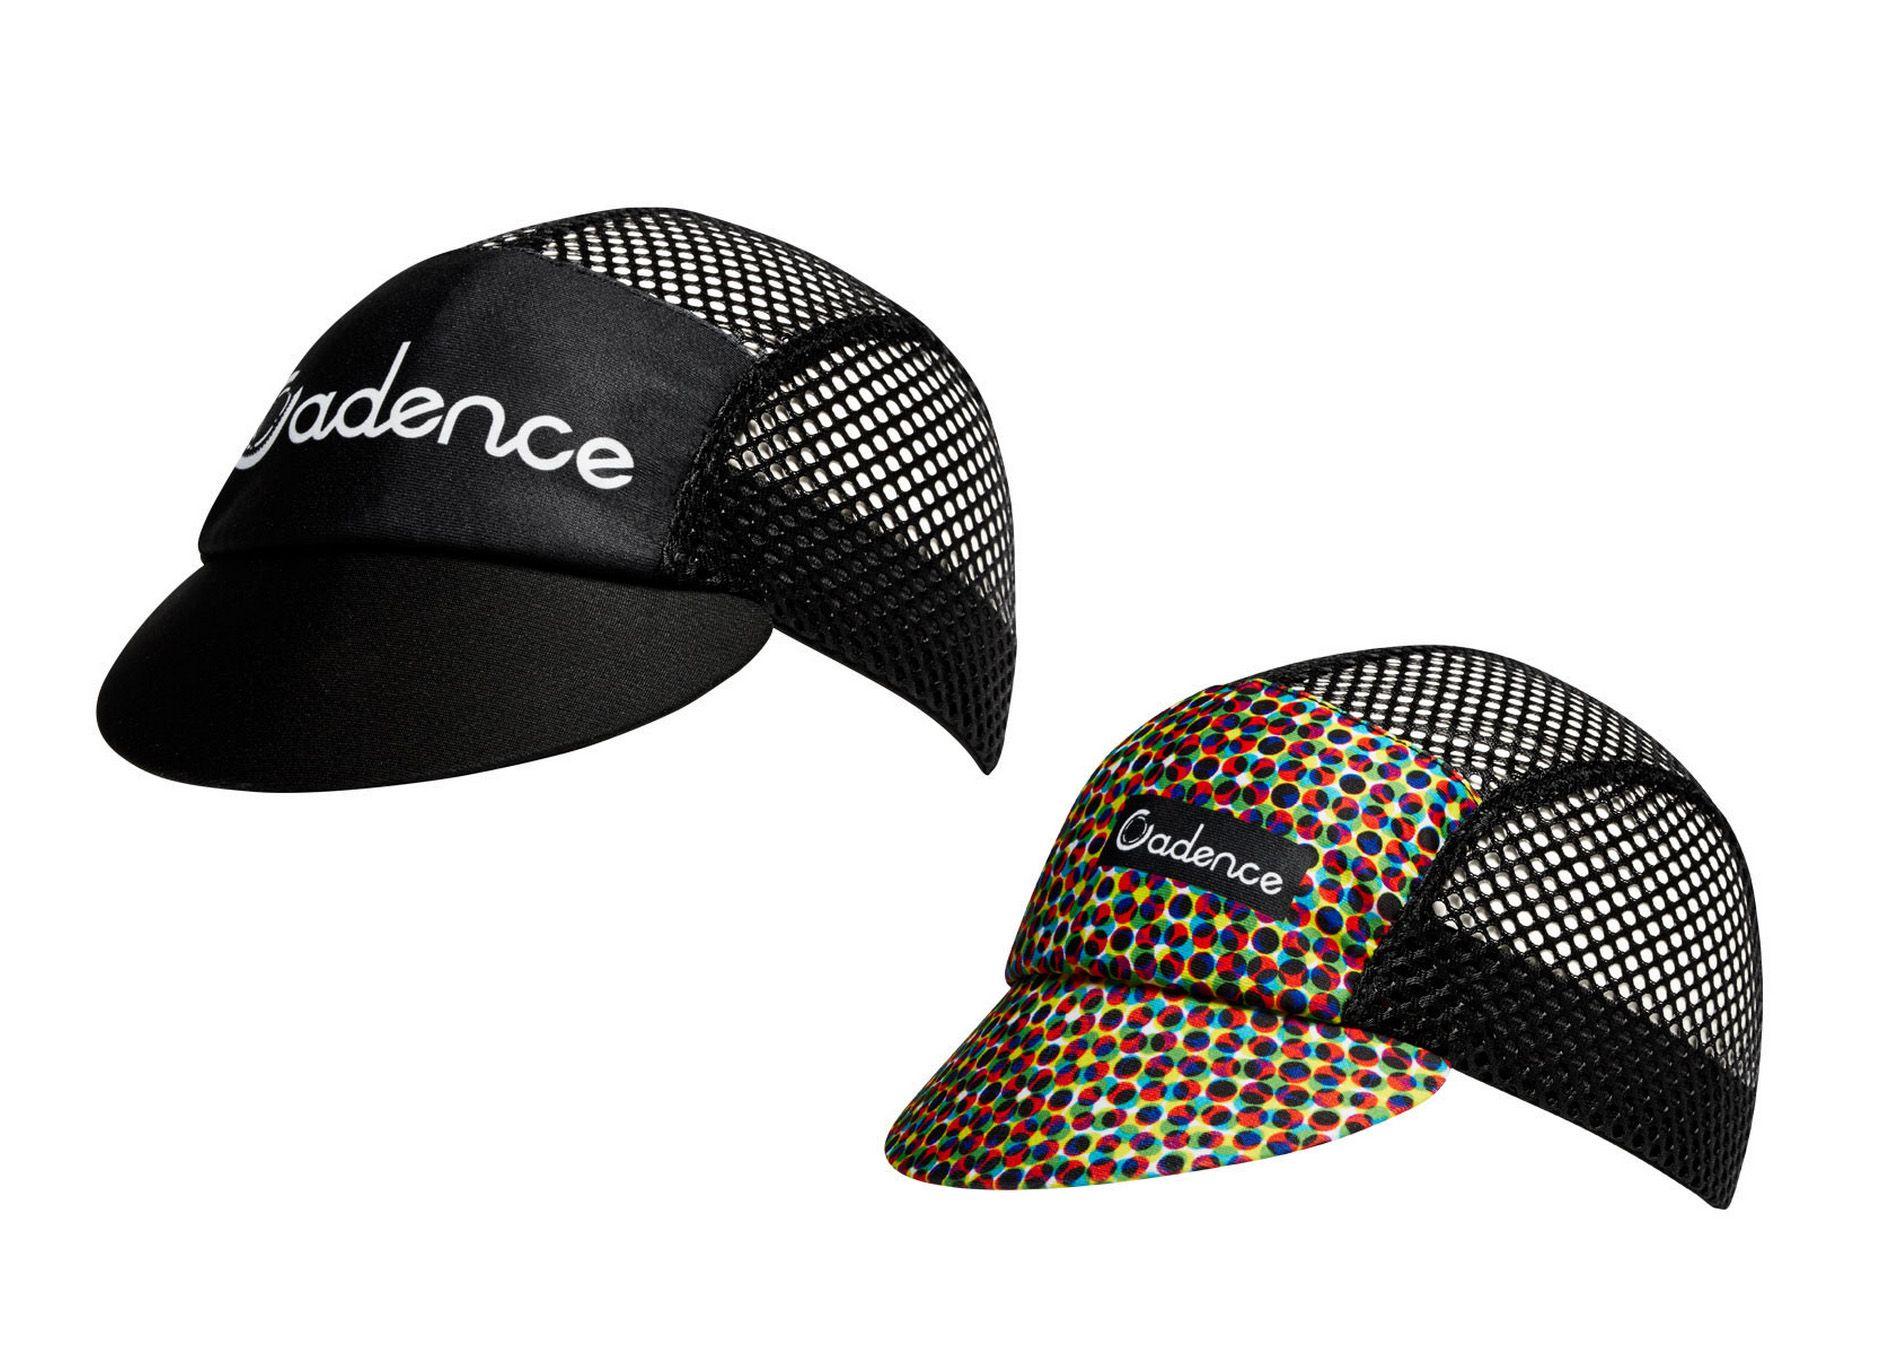 45d514f7d Cadence: Mesh Caps | CYCLING KITS | Mesh cap, Cap, Mesh